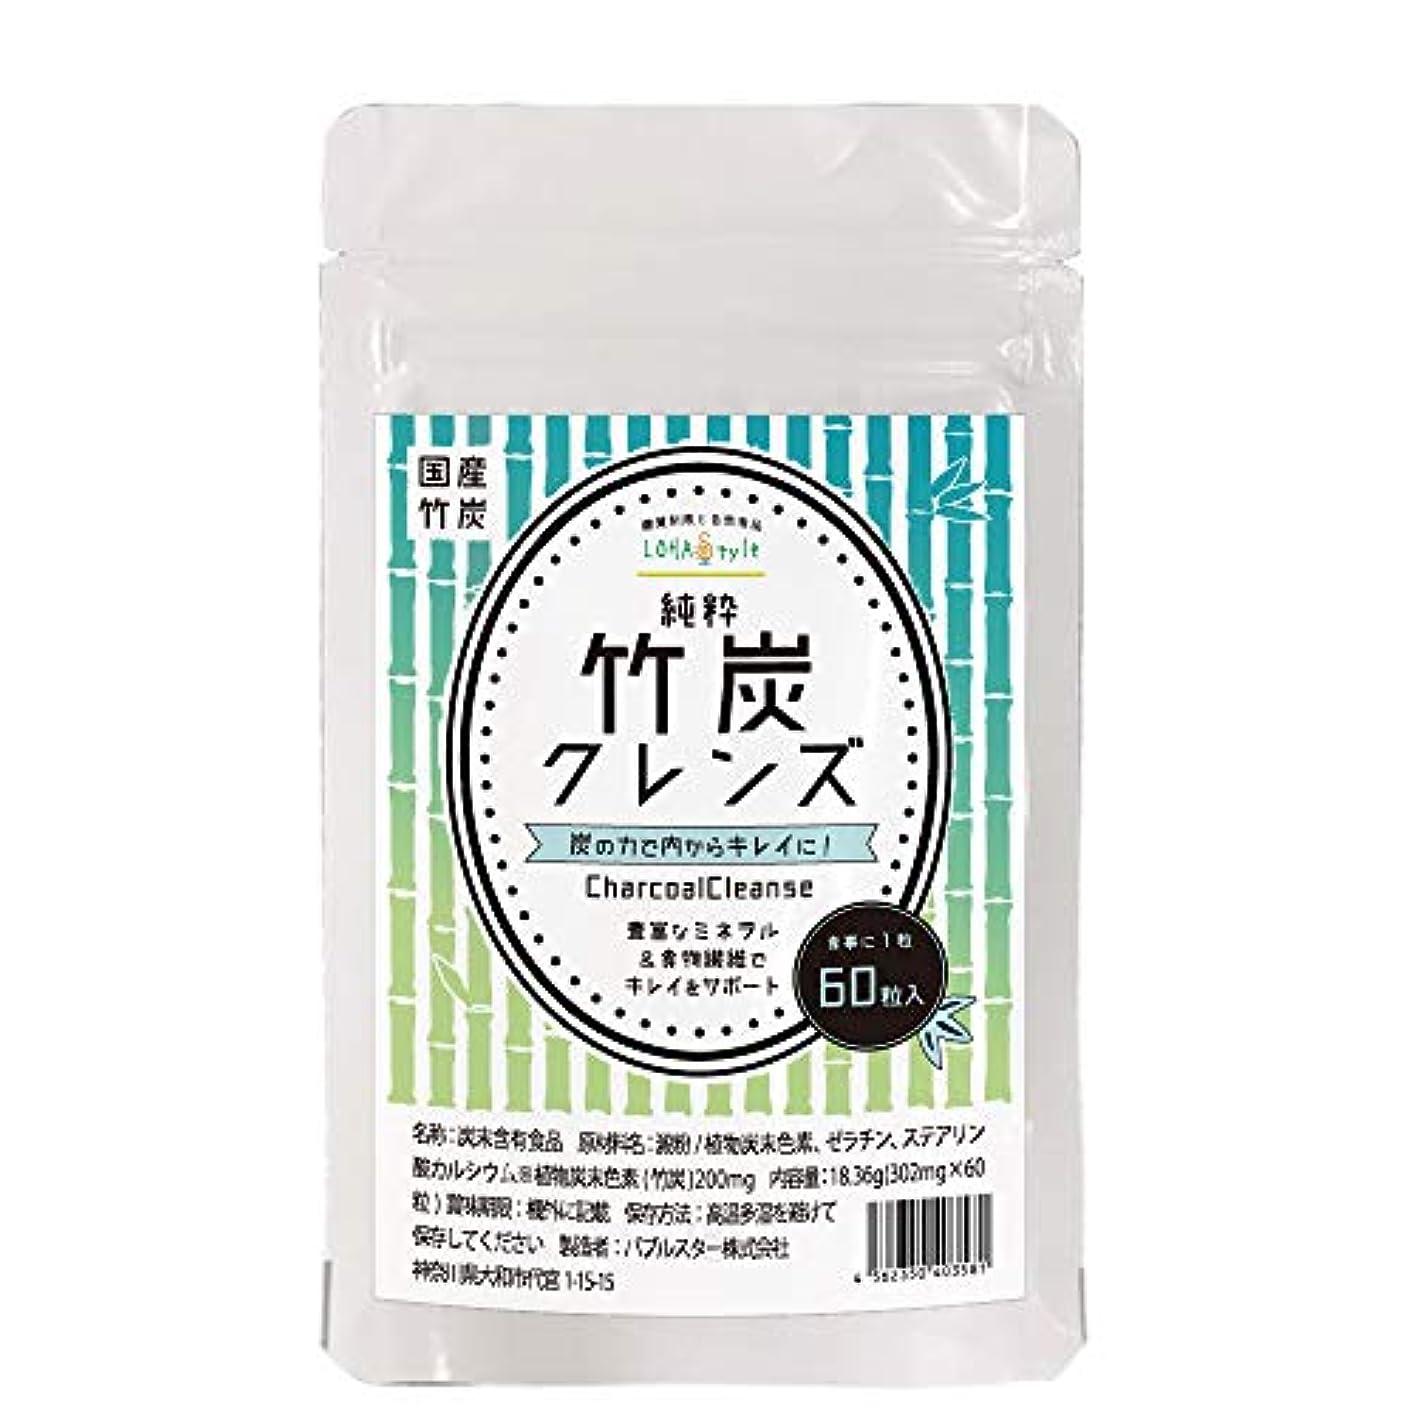 親愛な値するアクティビティLOHAStyle 純粋 竹炭クレンズ チャコールクレンズ 食用炭 サプリメント (60粒) [カルシウム含有]